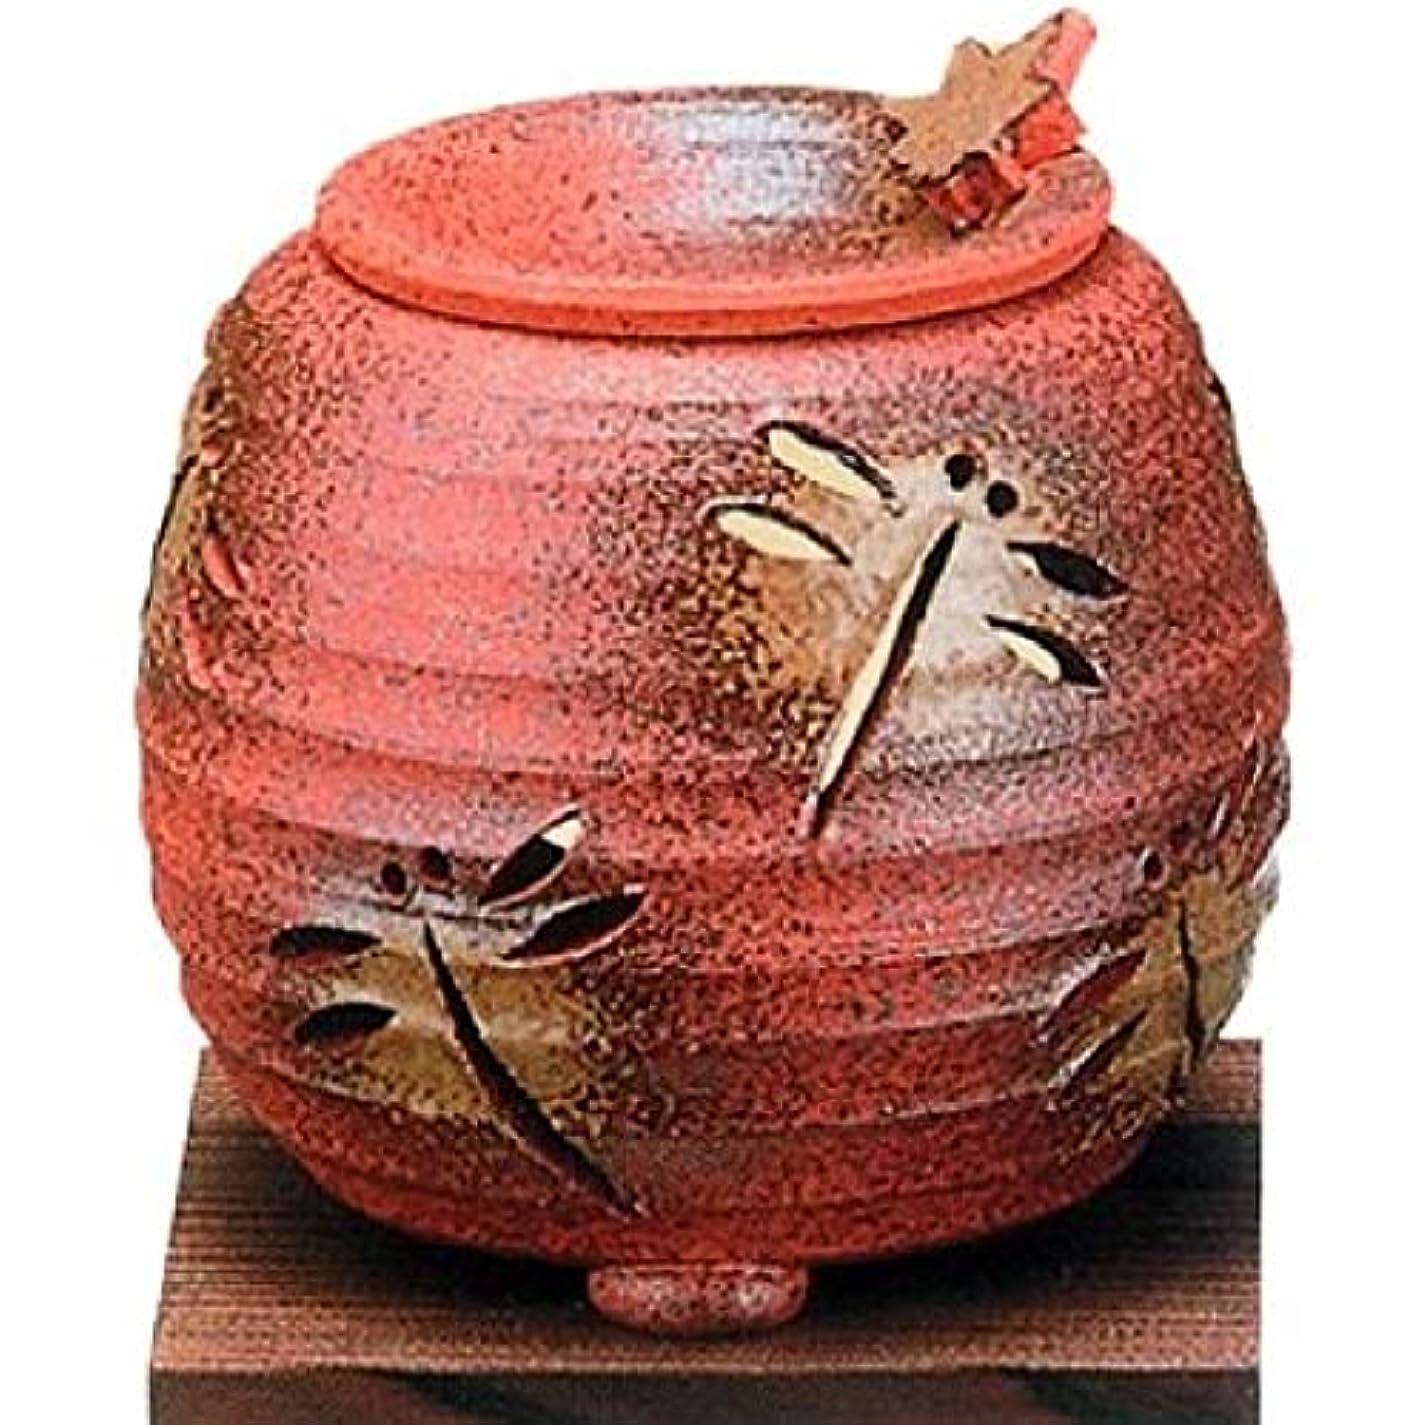 ペイント避難横に【常滑焼】石龍 焼〆千段トンボ茶香炉   千段トンボ透かし  φ11×H11㎝ 3-830